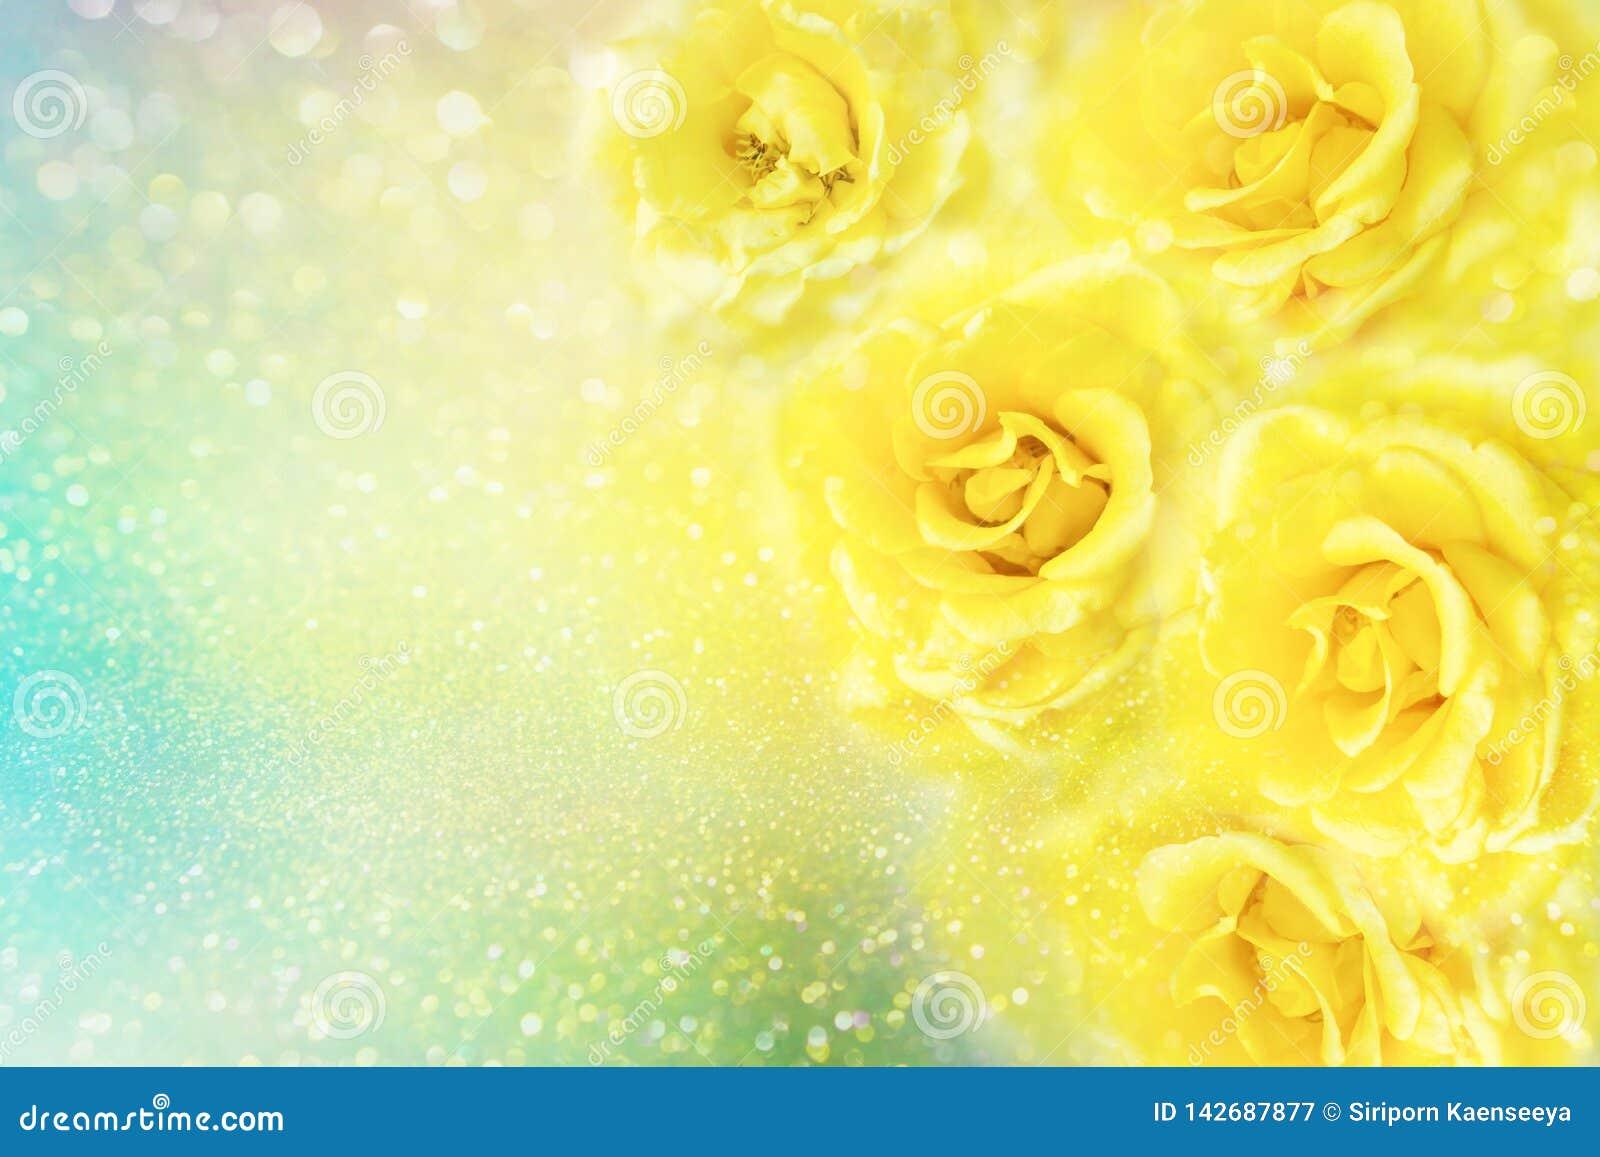 Le rose gialle fioriscono il fondo romanzesco molle con bello scintillio